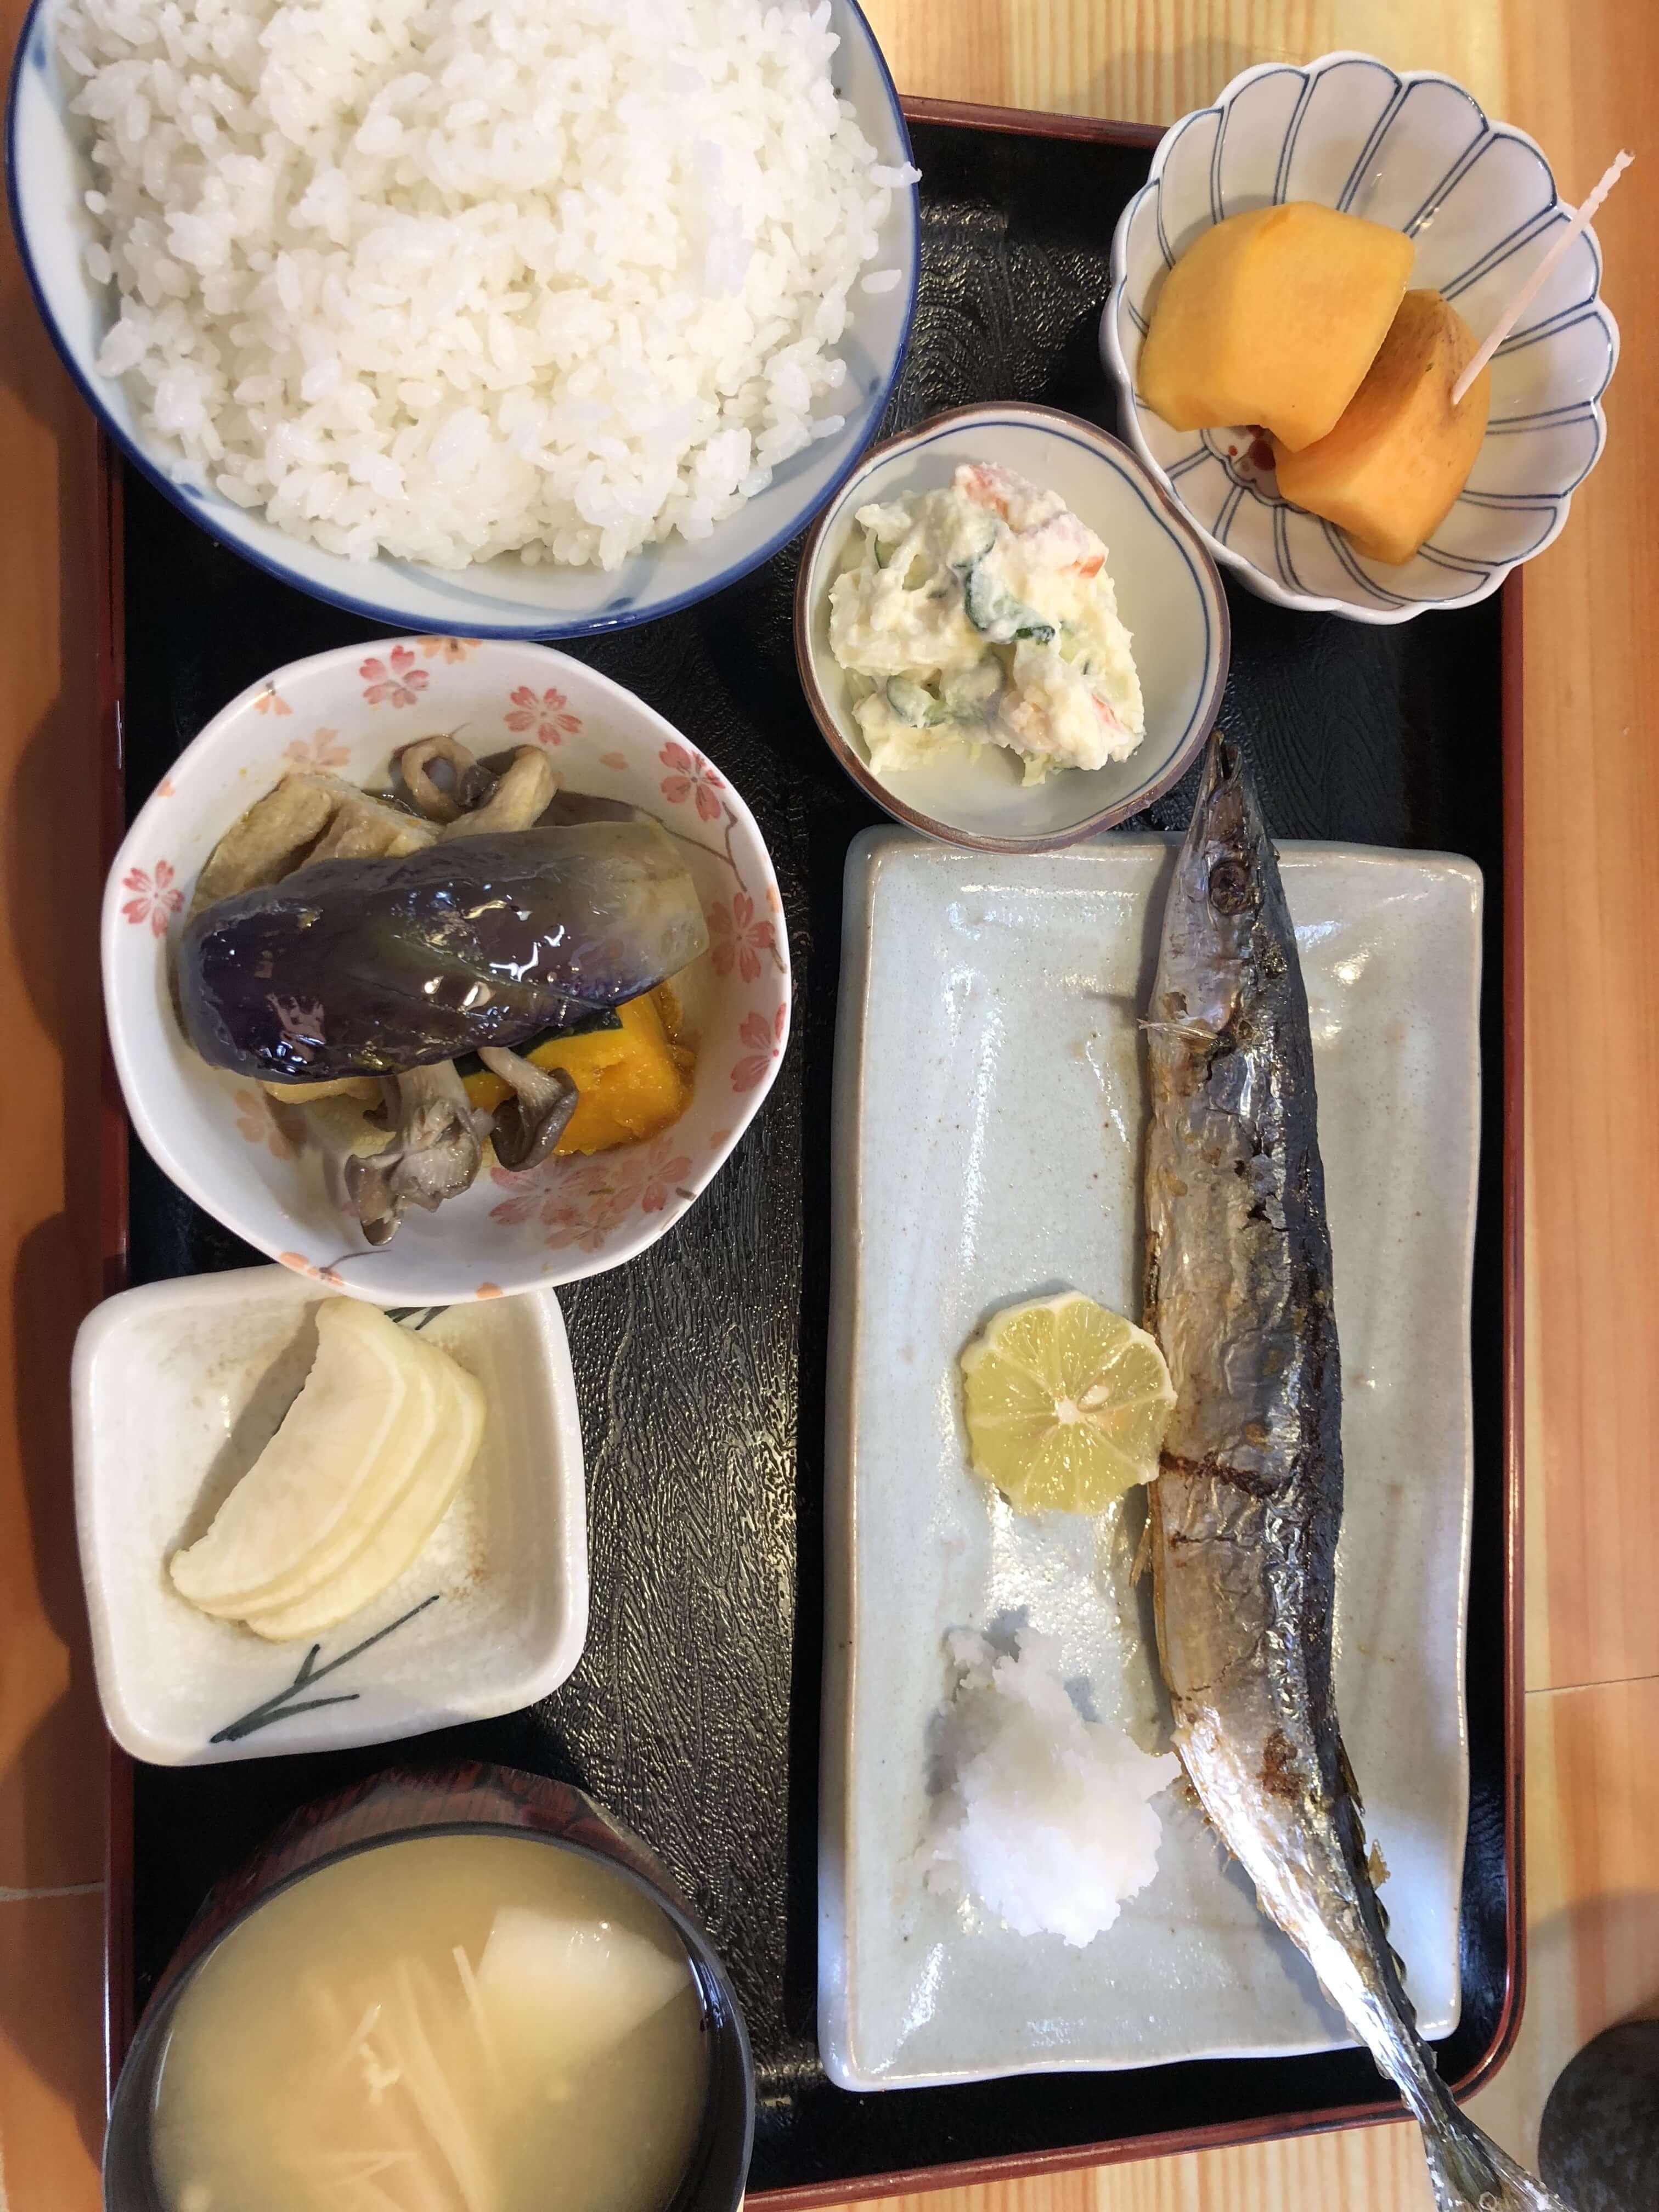 『 串焼きと食事の店 とり兵衛 』でお得ランチ !!